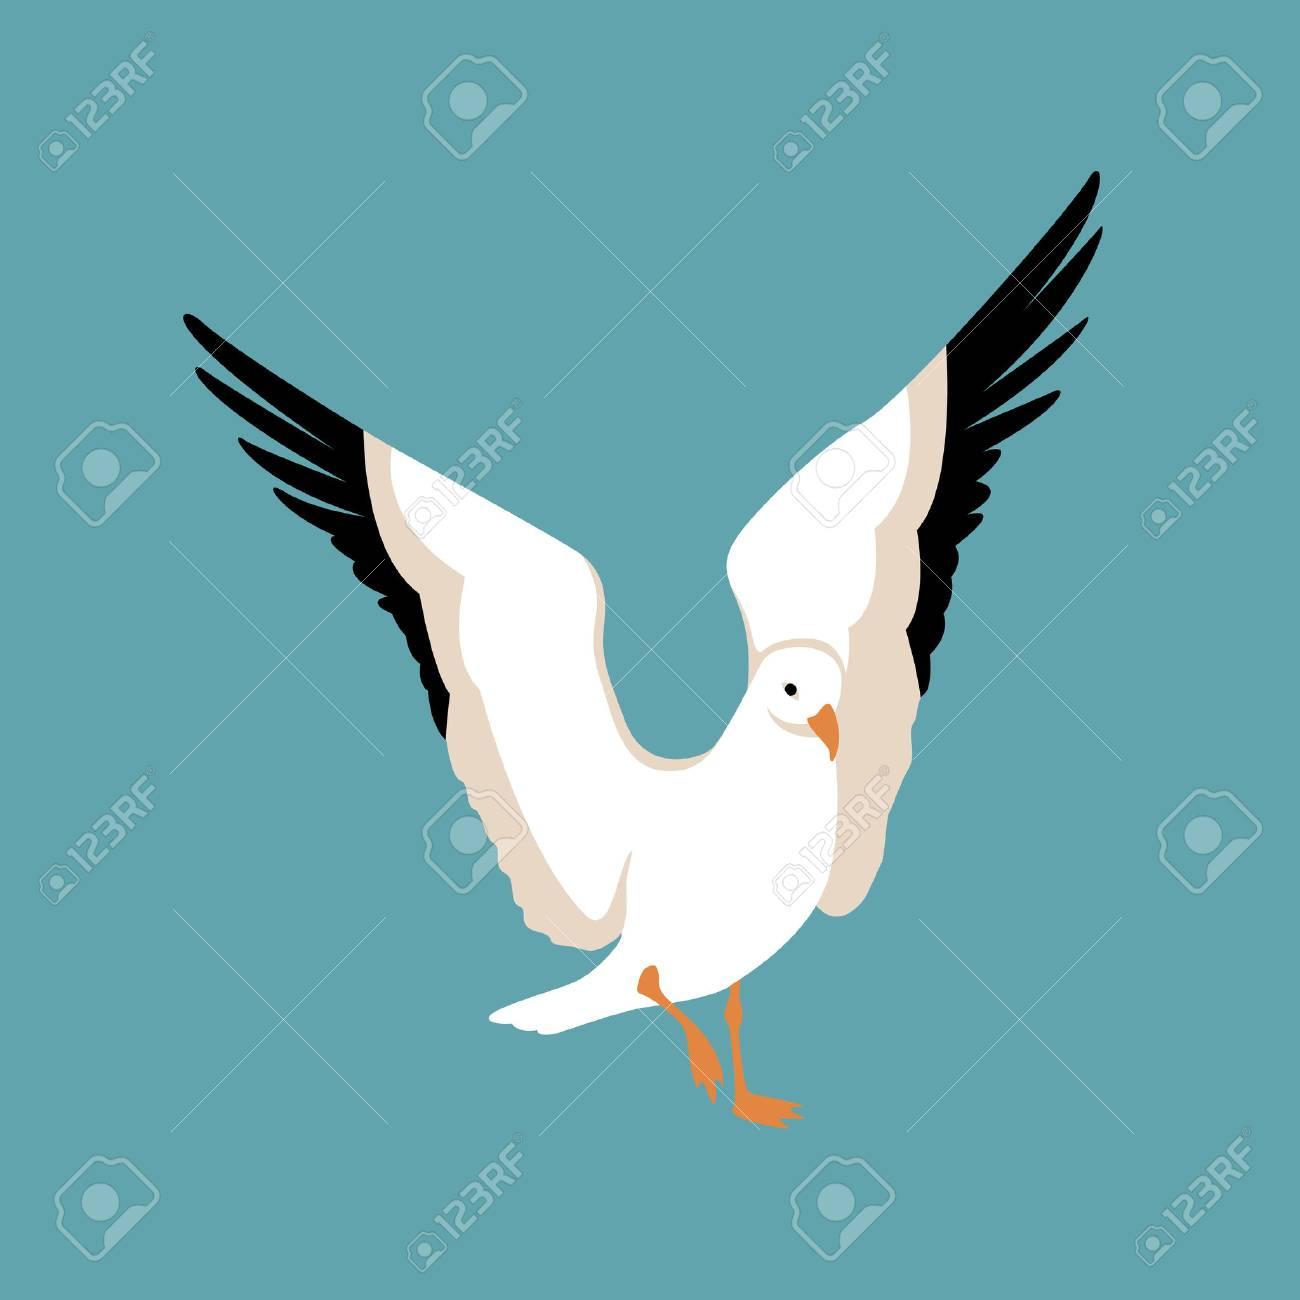 かもめ鳥ベクトル イラスト スタイル フラットのイラスト素材ベクタ